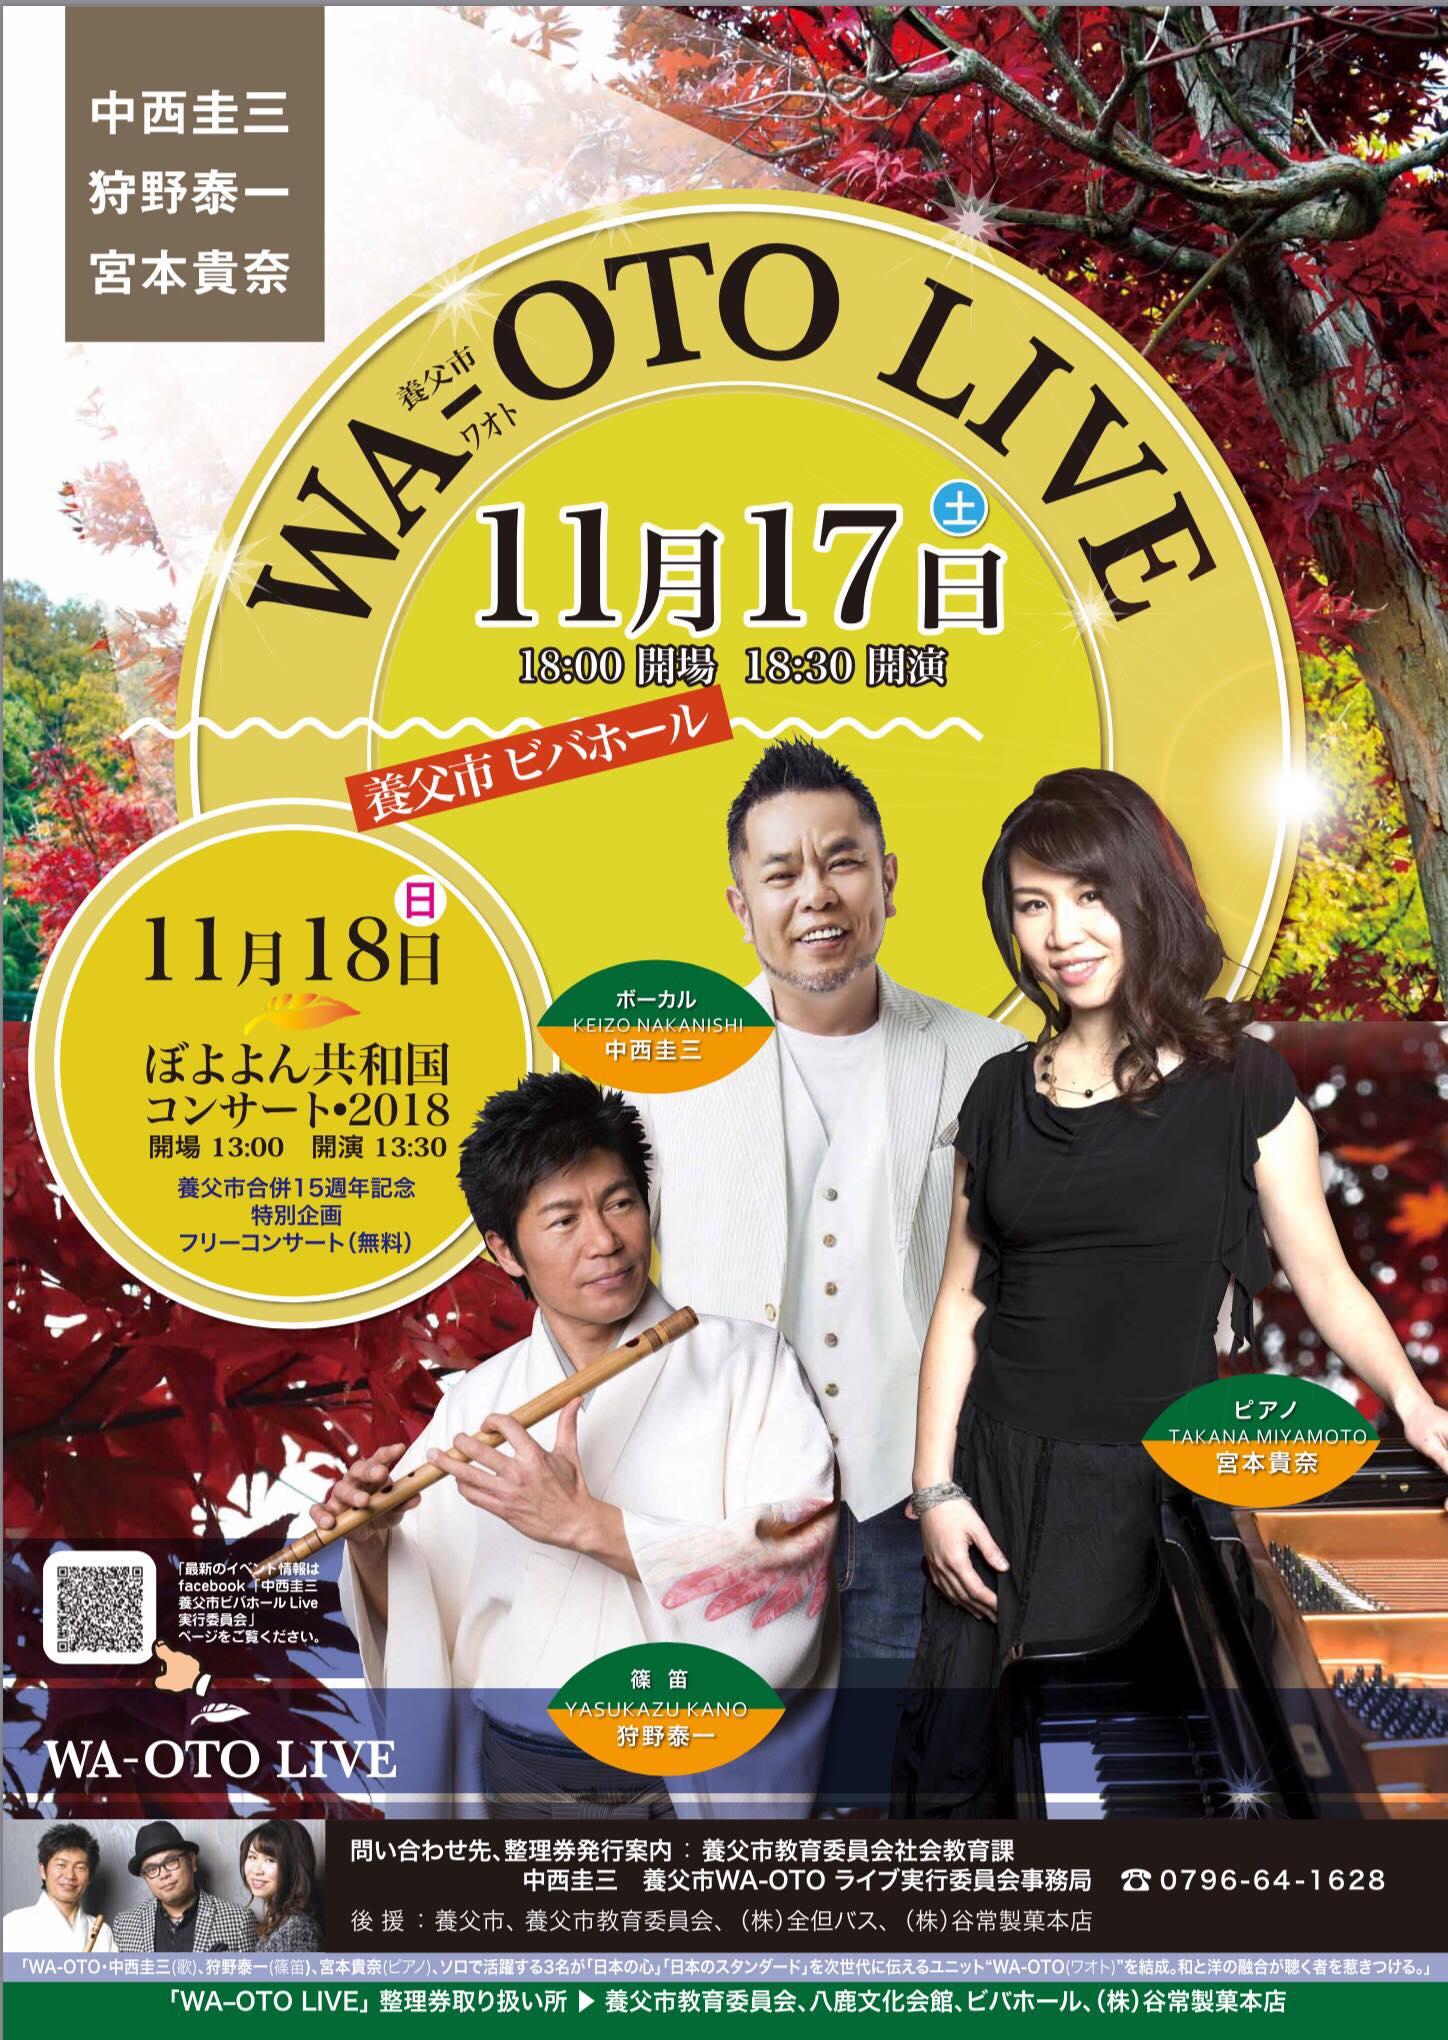 兵庫県 養父市 ビバホール WA−OTO ライブ2018